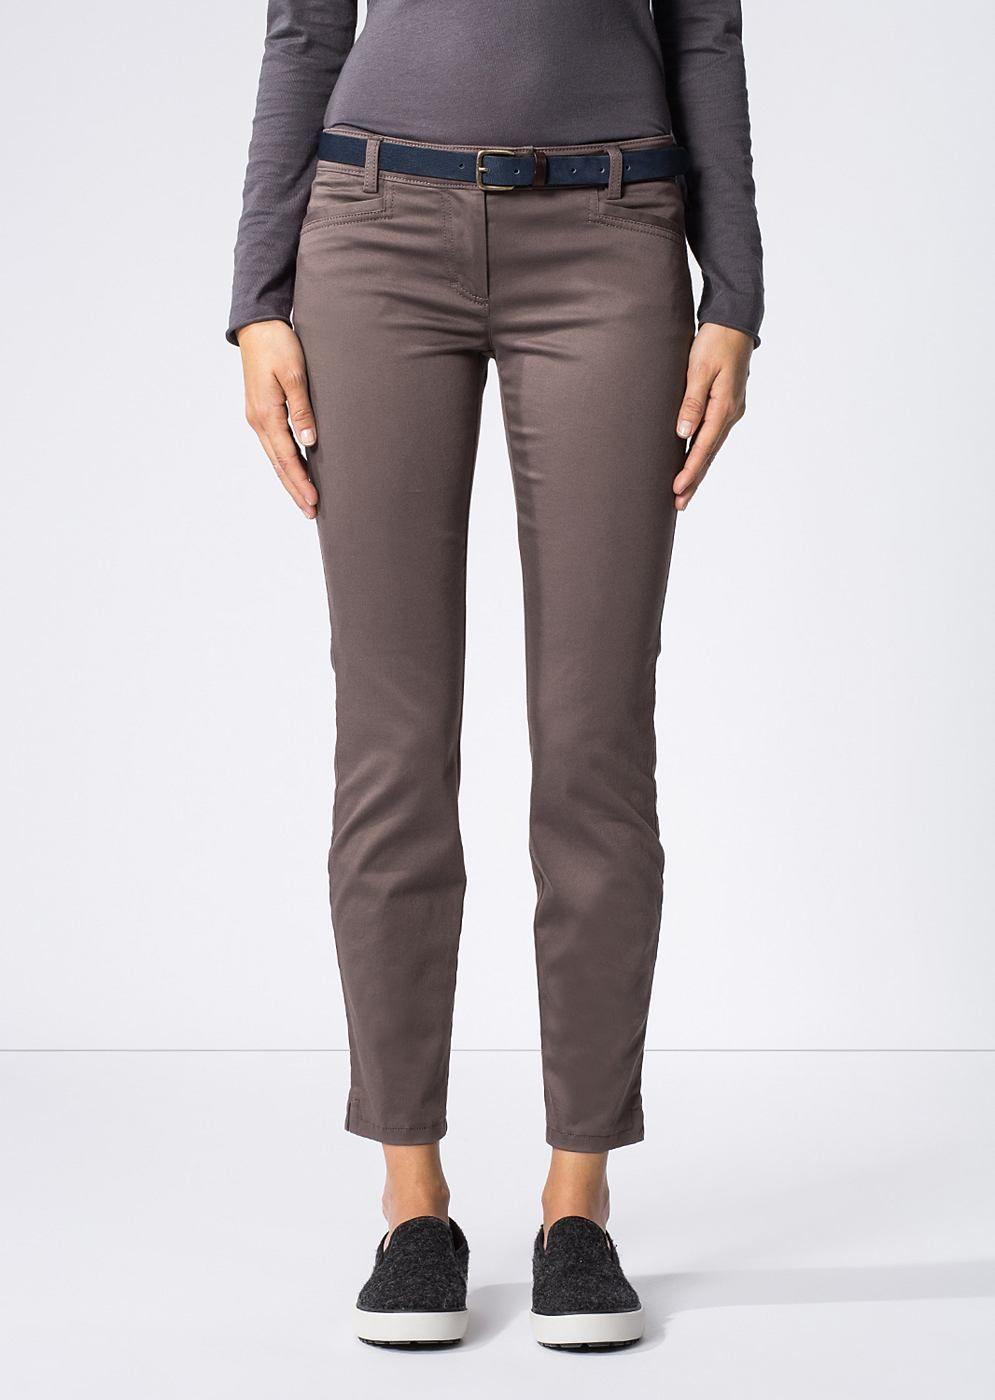 Diese Jeans von Marc O'Polo mit verkürzter Beinlänge überzeugt mit klassischem 5-Pocket-Design und einer tiefen Leibhöhe. Die schmale Passform sorgt für einen vielseitig kombinierbaren Look. Aus 78% Baumwolle, 19% Viskose und 3% Elastan....